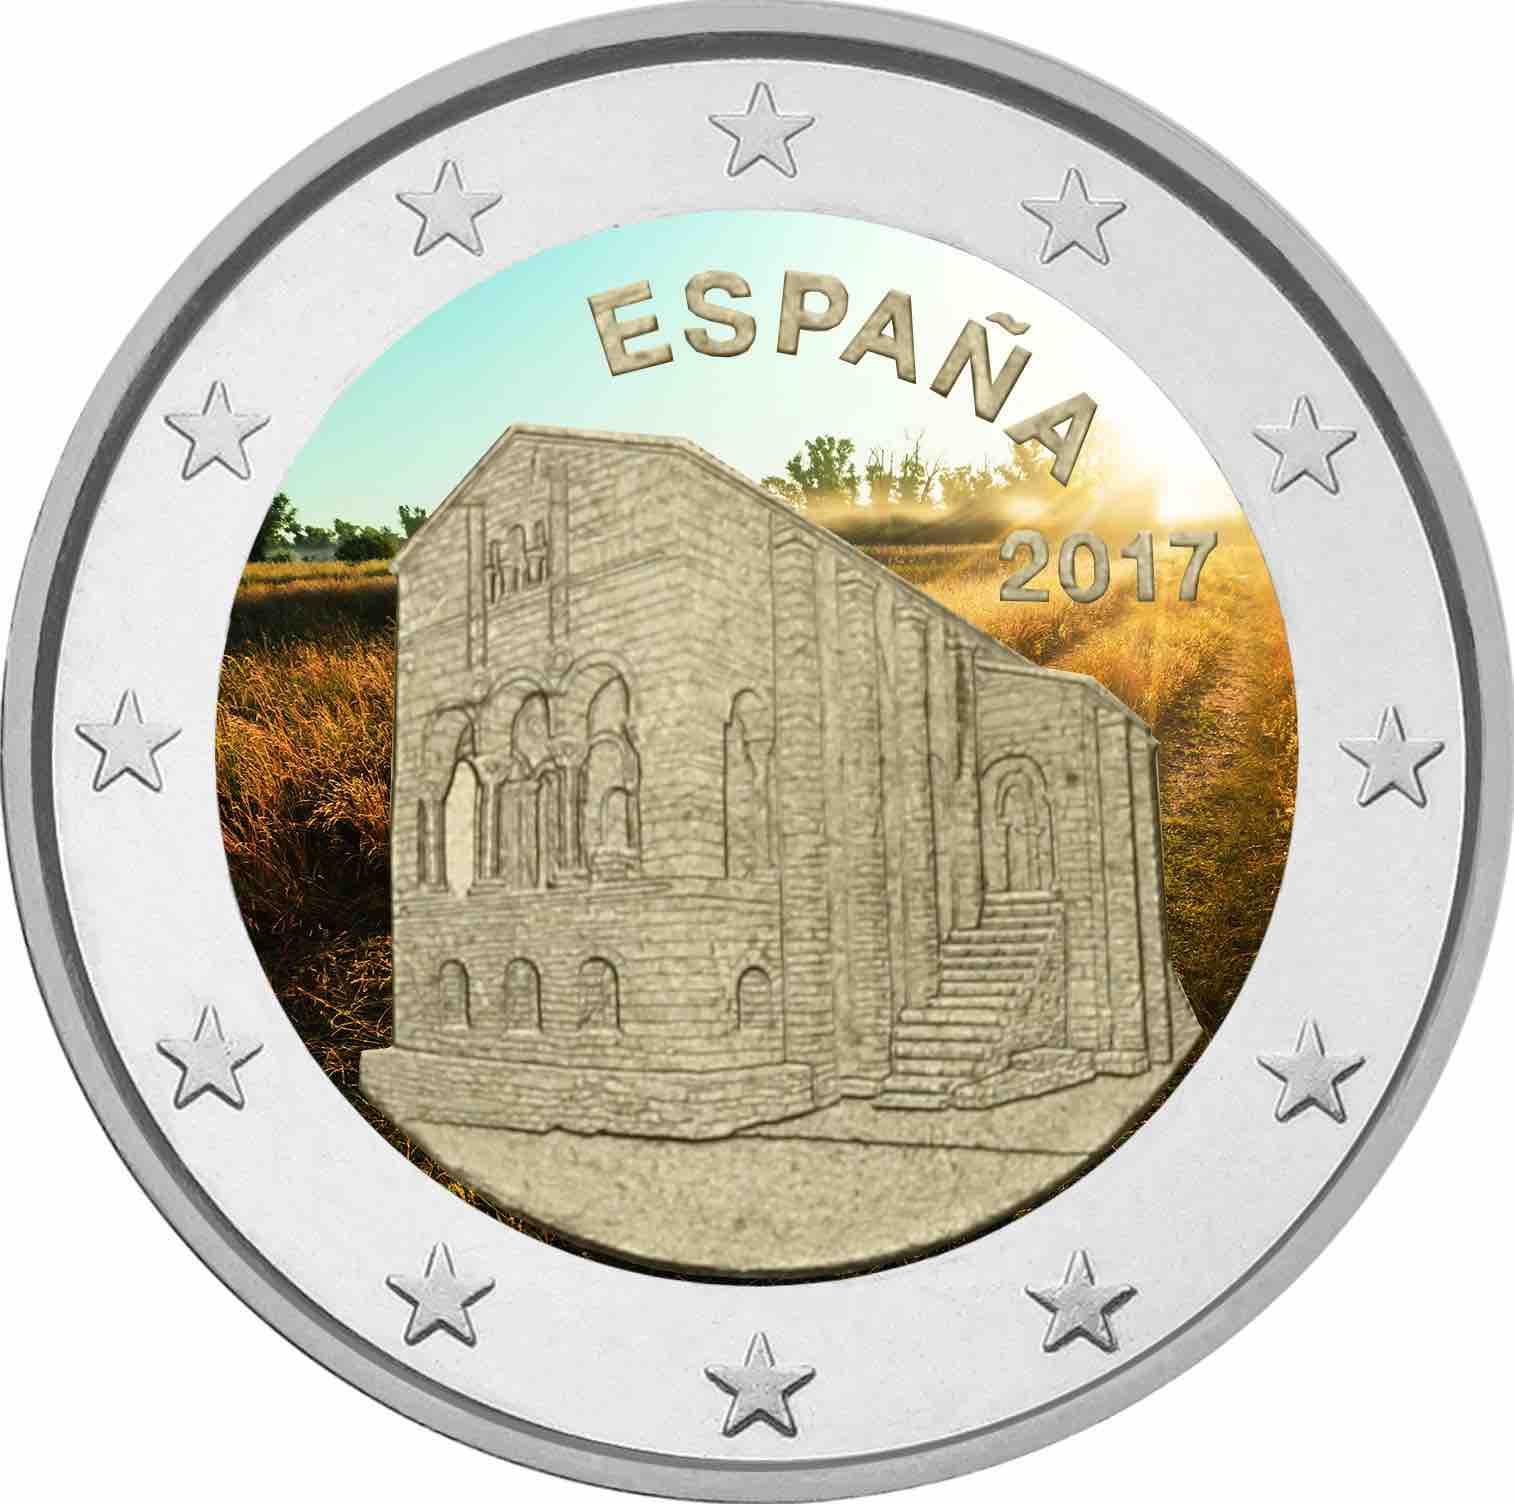 2 €, Έγχρωμο, Εκκλησίες του Βασιλείου της Αστούρια, Ισπανία, 2017 2 ευρώ